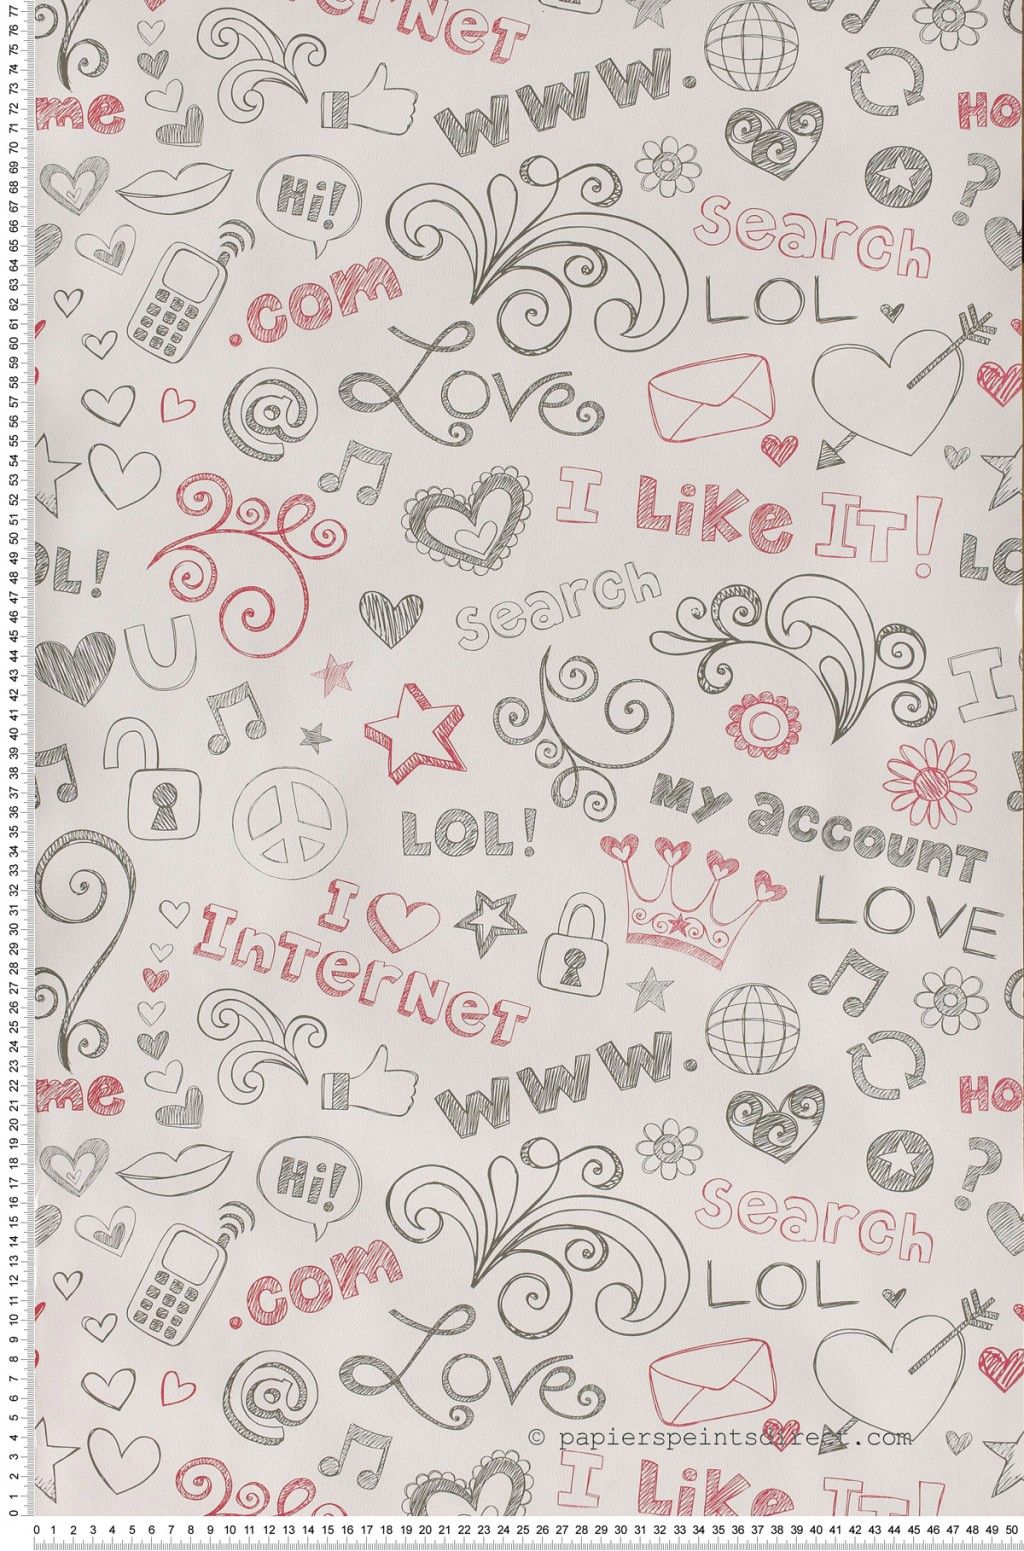 papier peint lol girls onl casélio : papier peint chambre d'enfant à